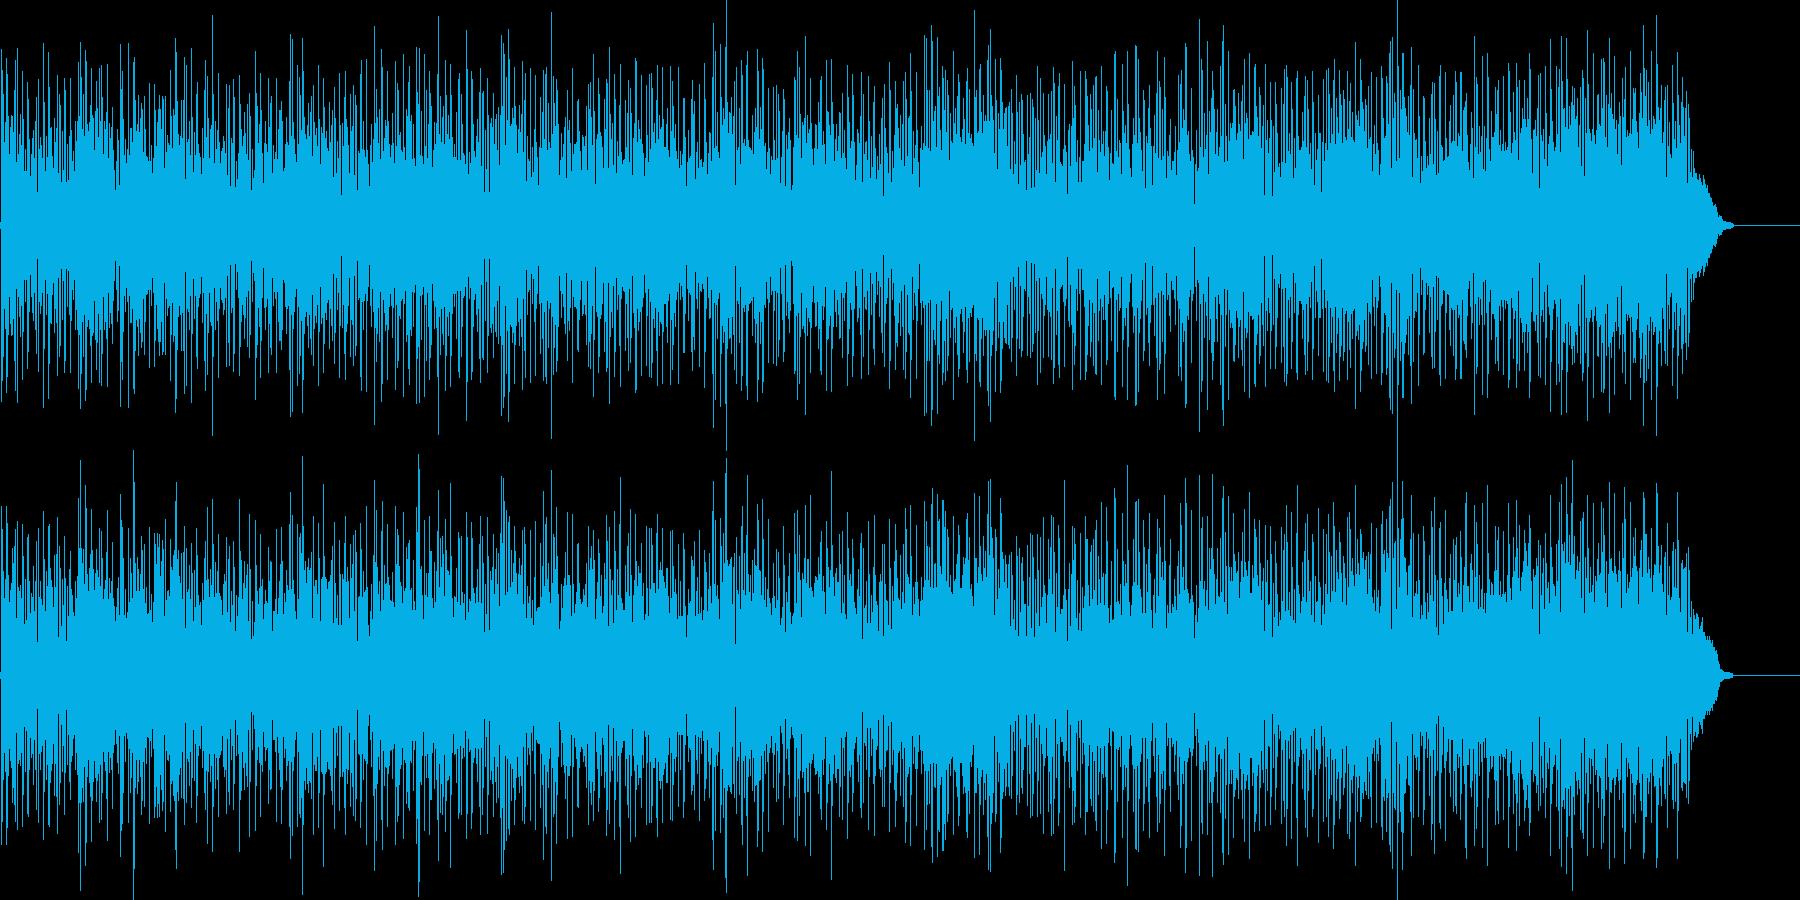 大人な雰囲気でかっこいいメロディーの再生済みの波形